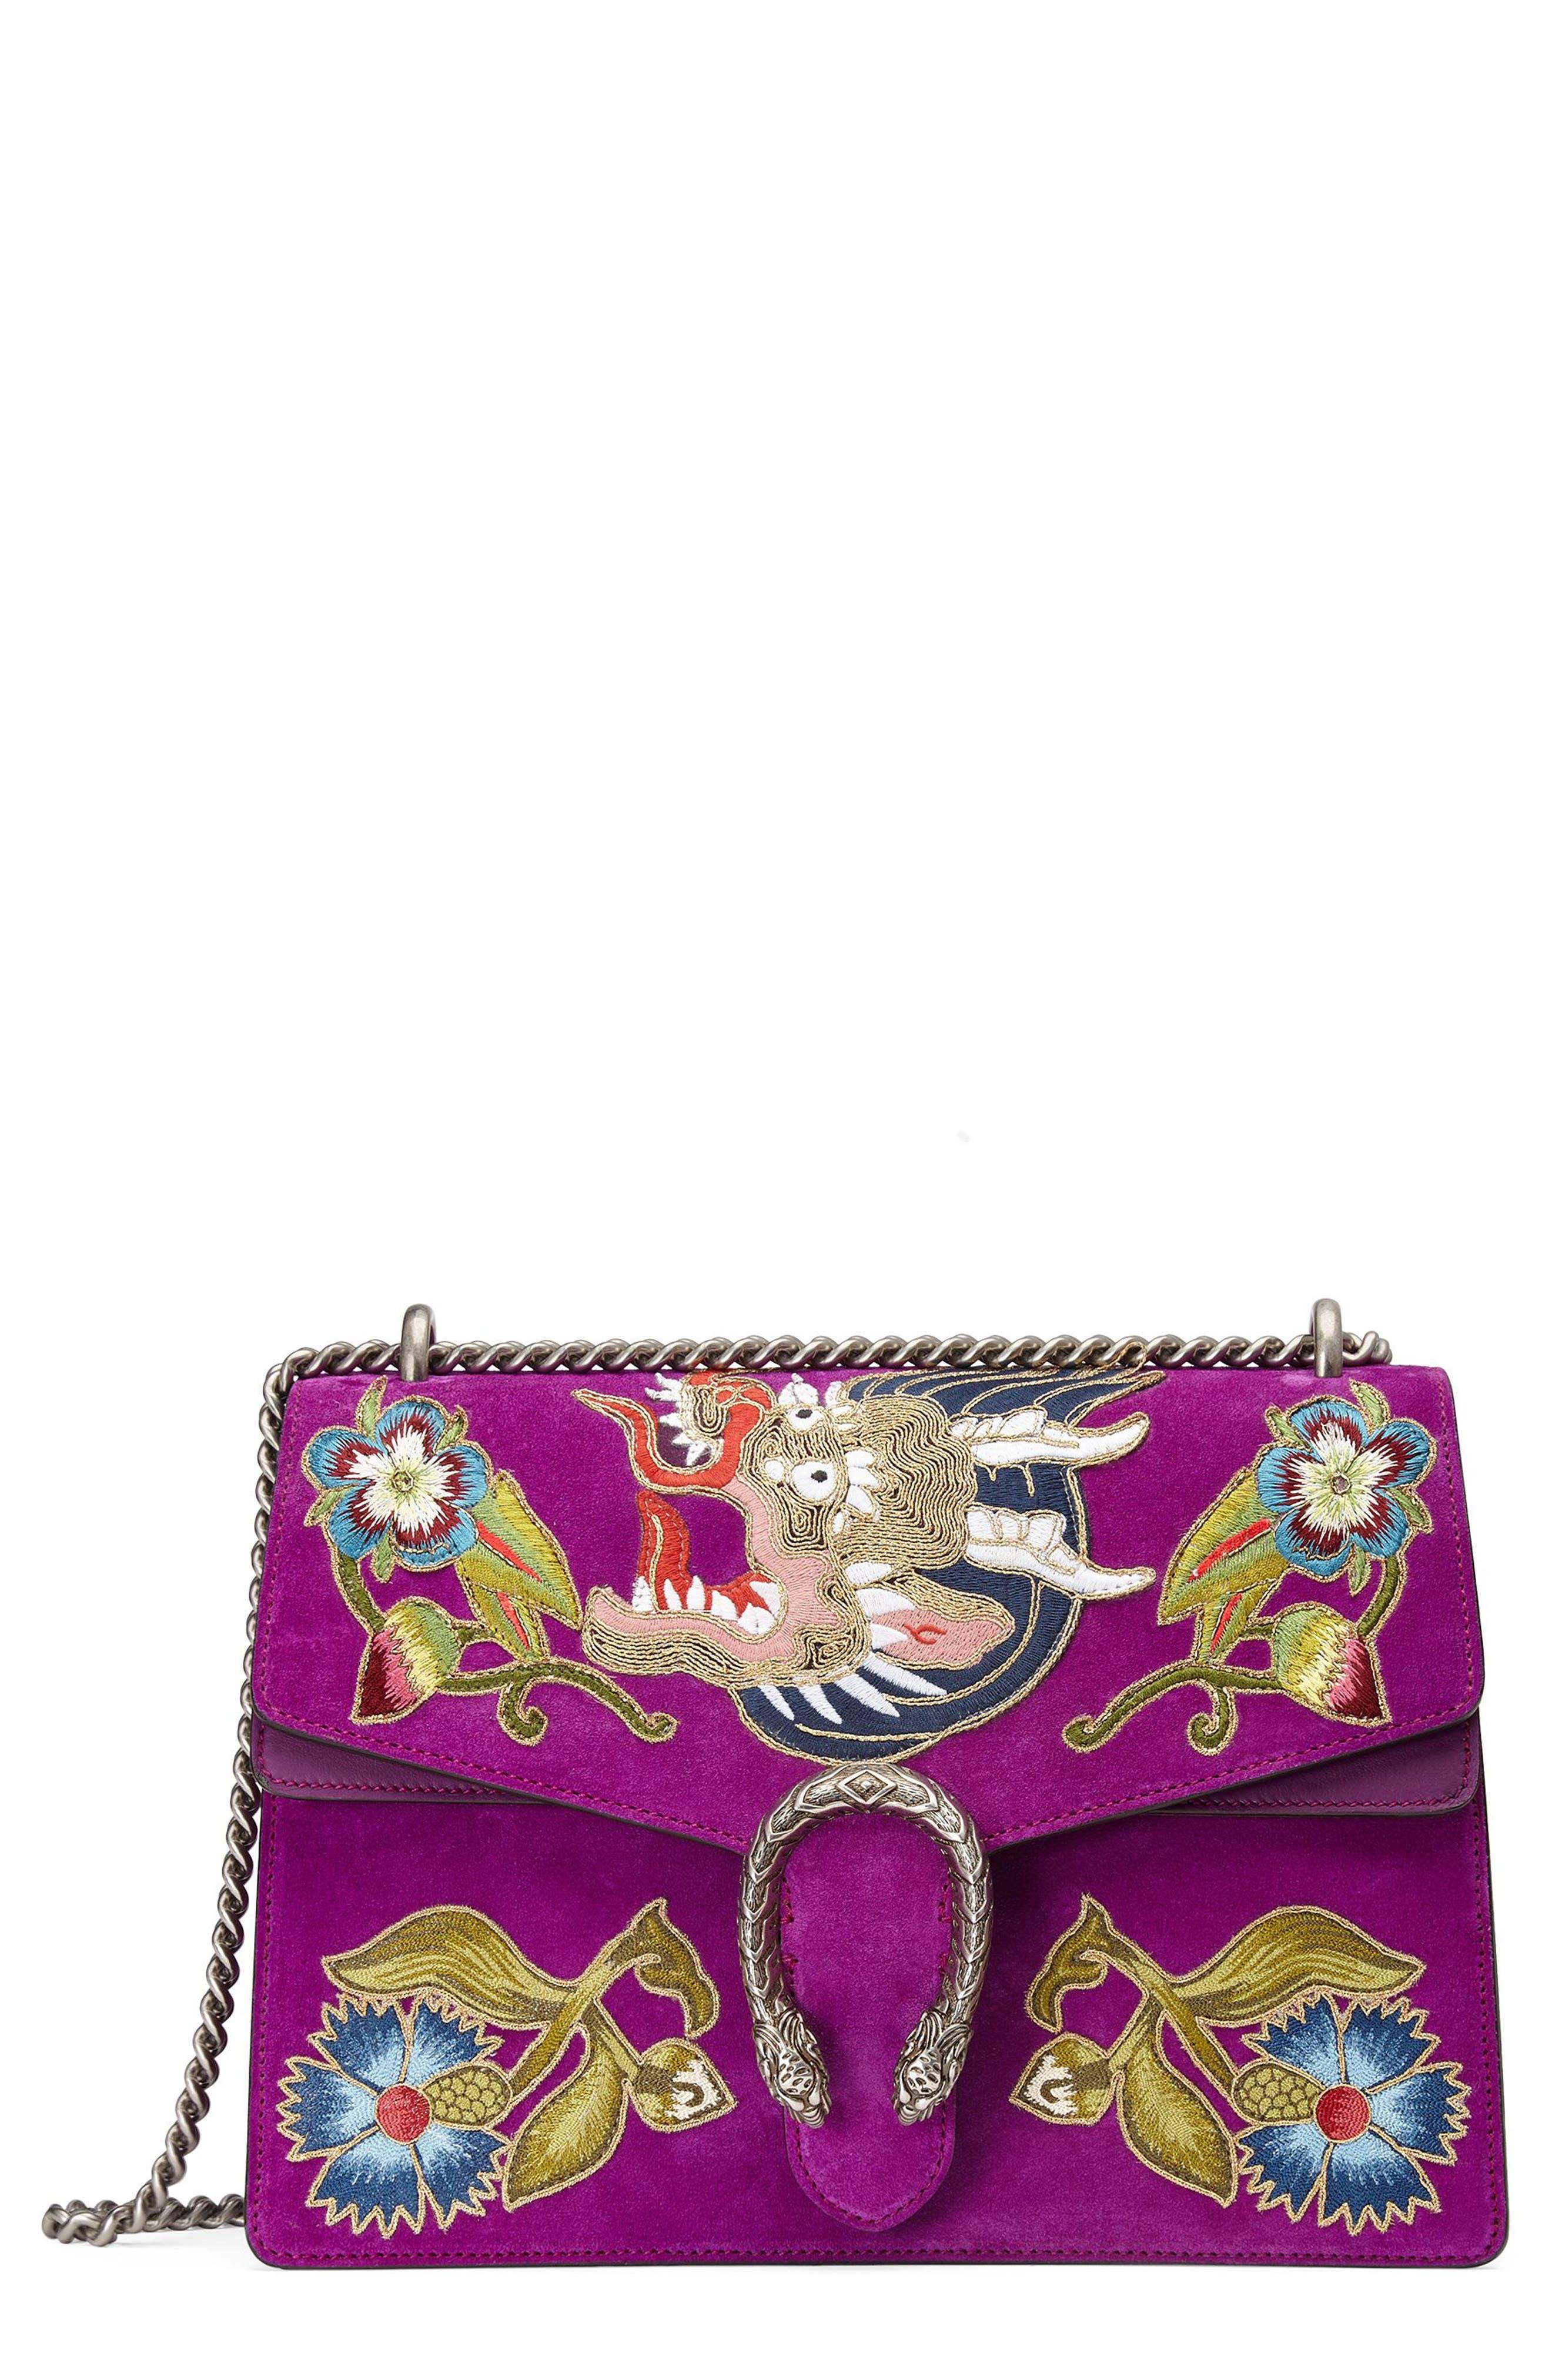 Dionysus Suede Shoulder Bag,                         Main,                         color, PURPLE/MULTI